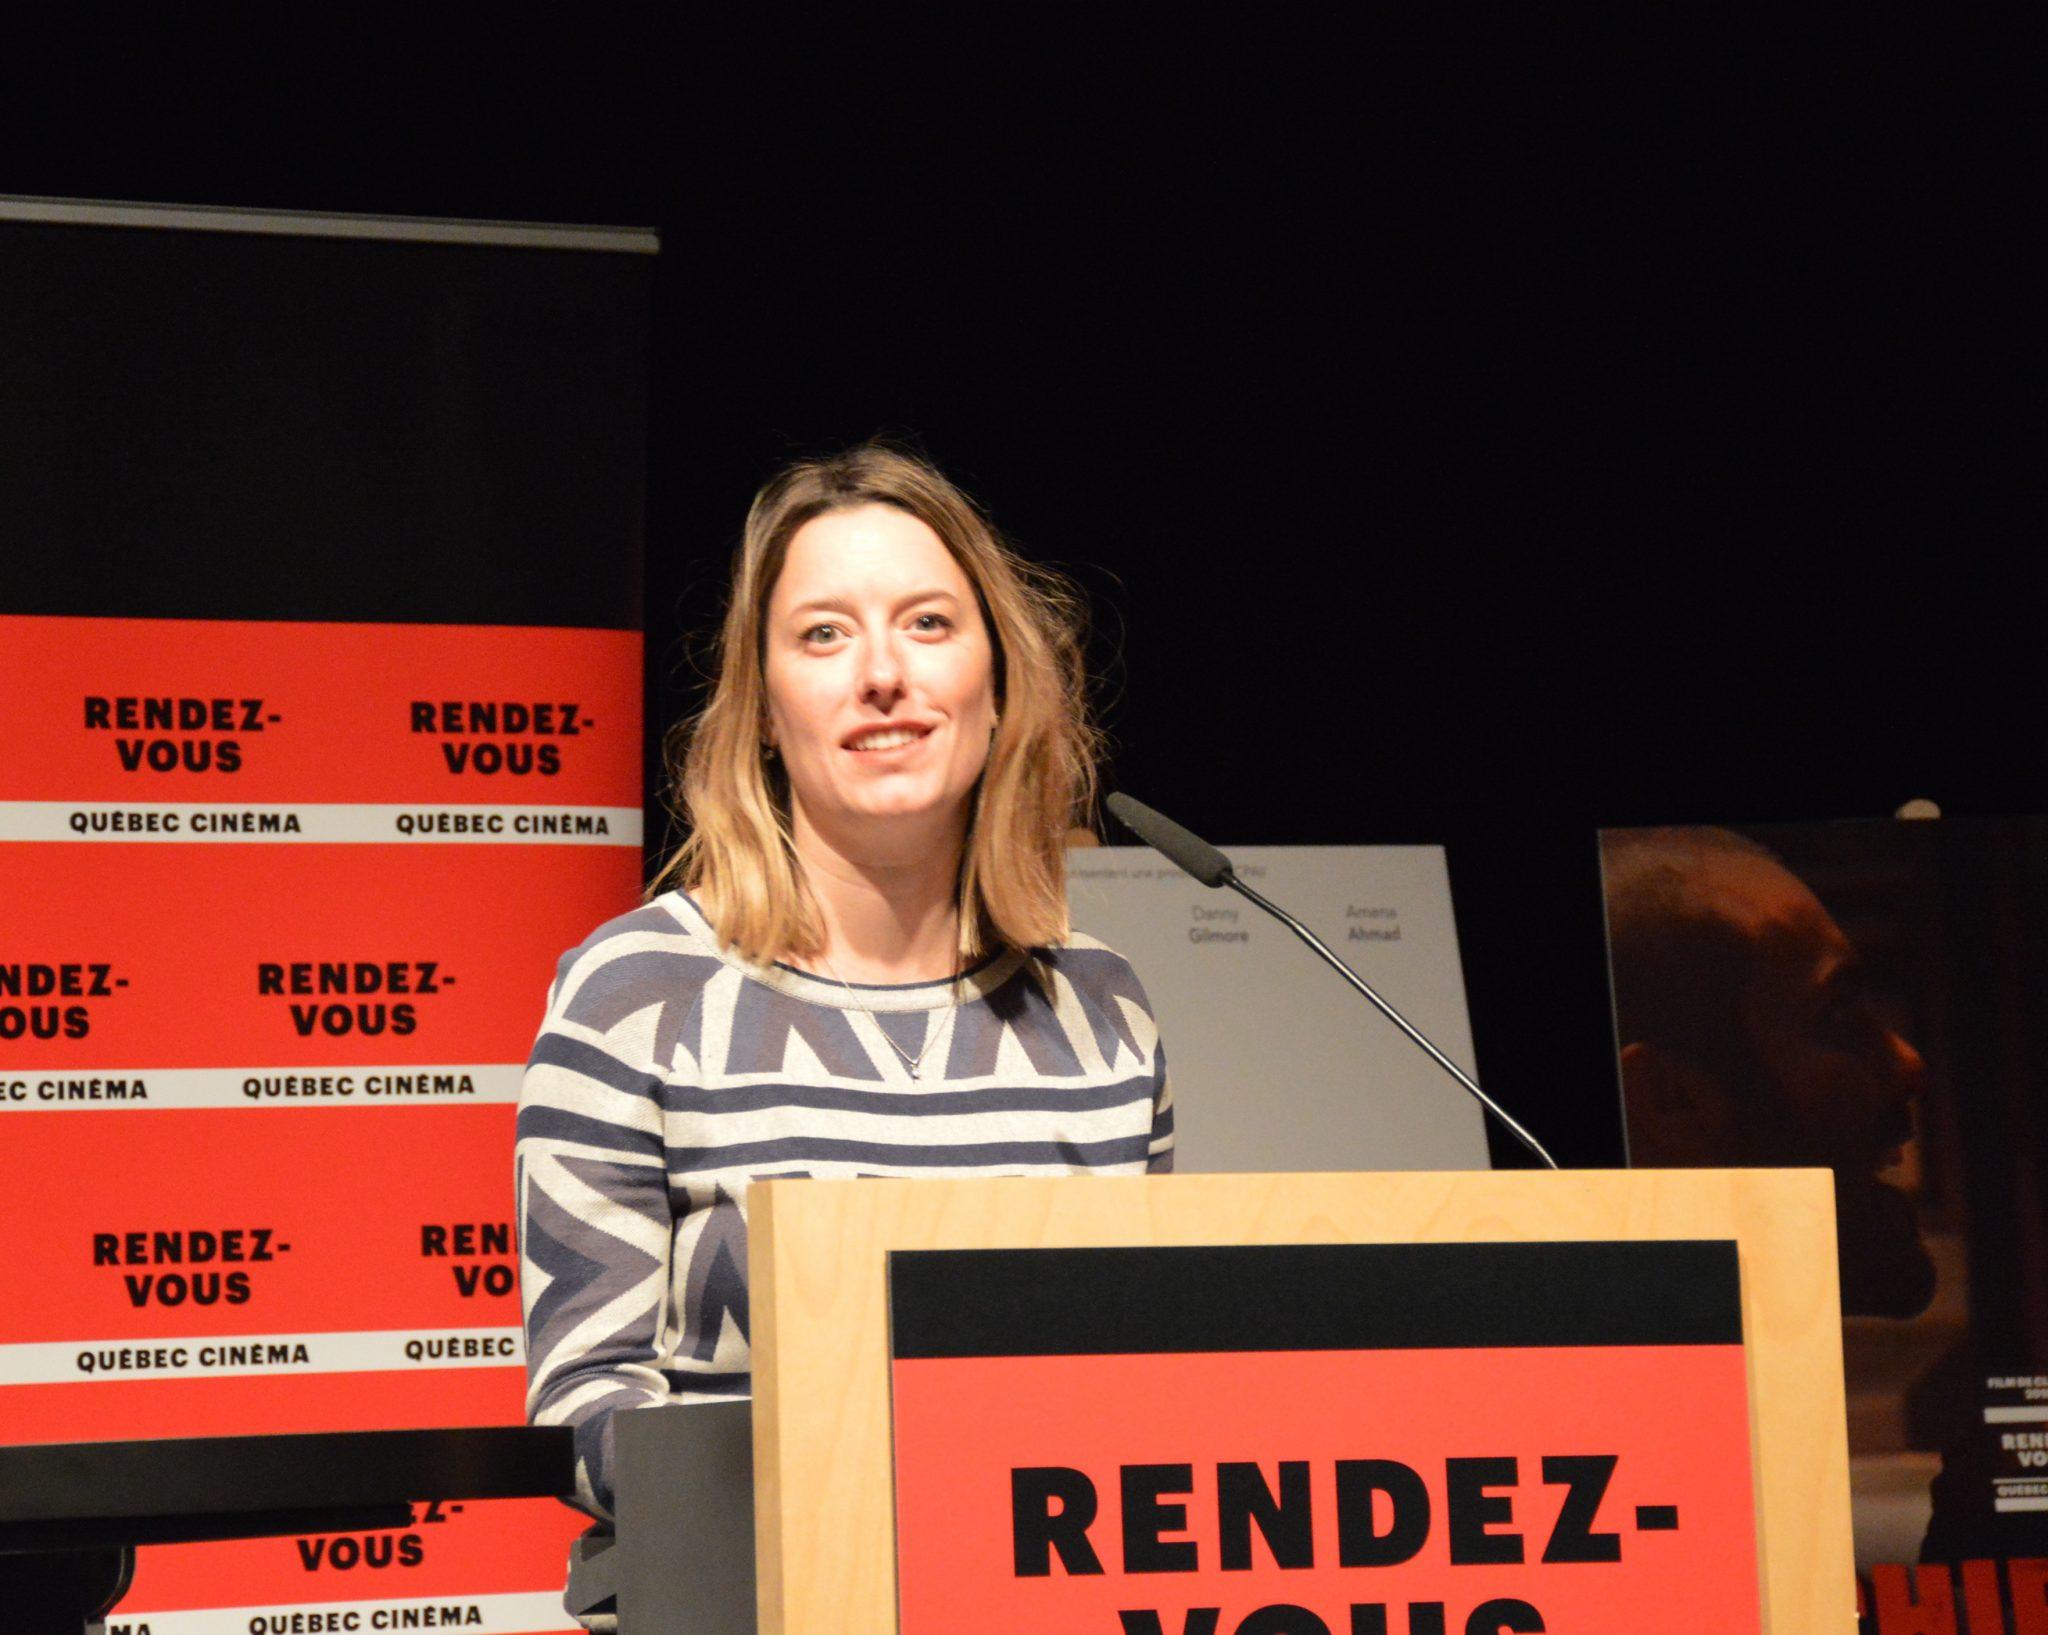 RADIO-CANADA célèbre les films et artisans d'ici aux Rendez-vous Québec Cinéma